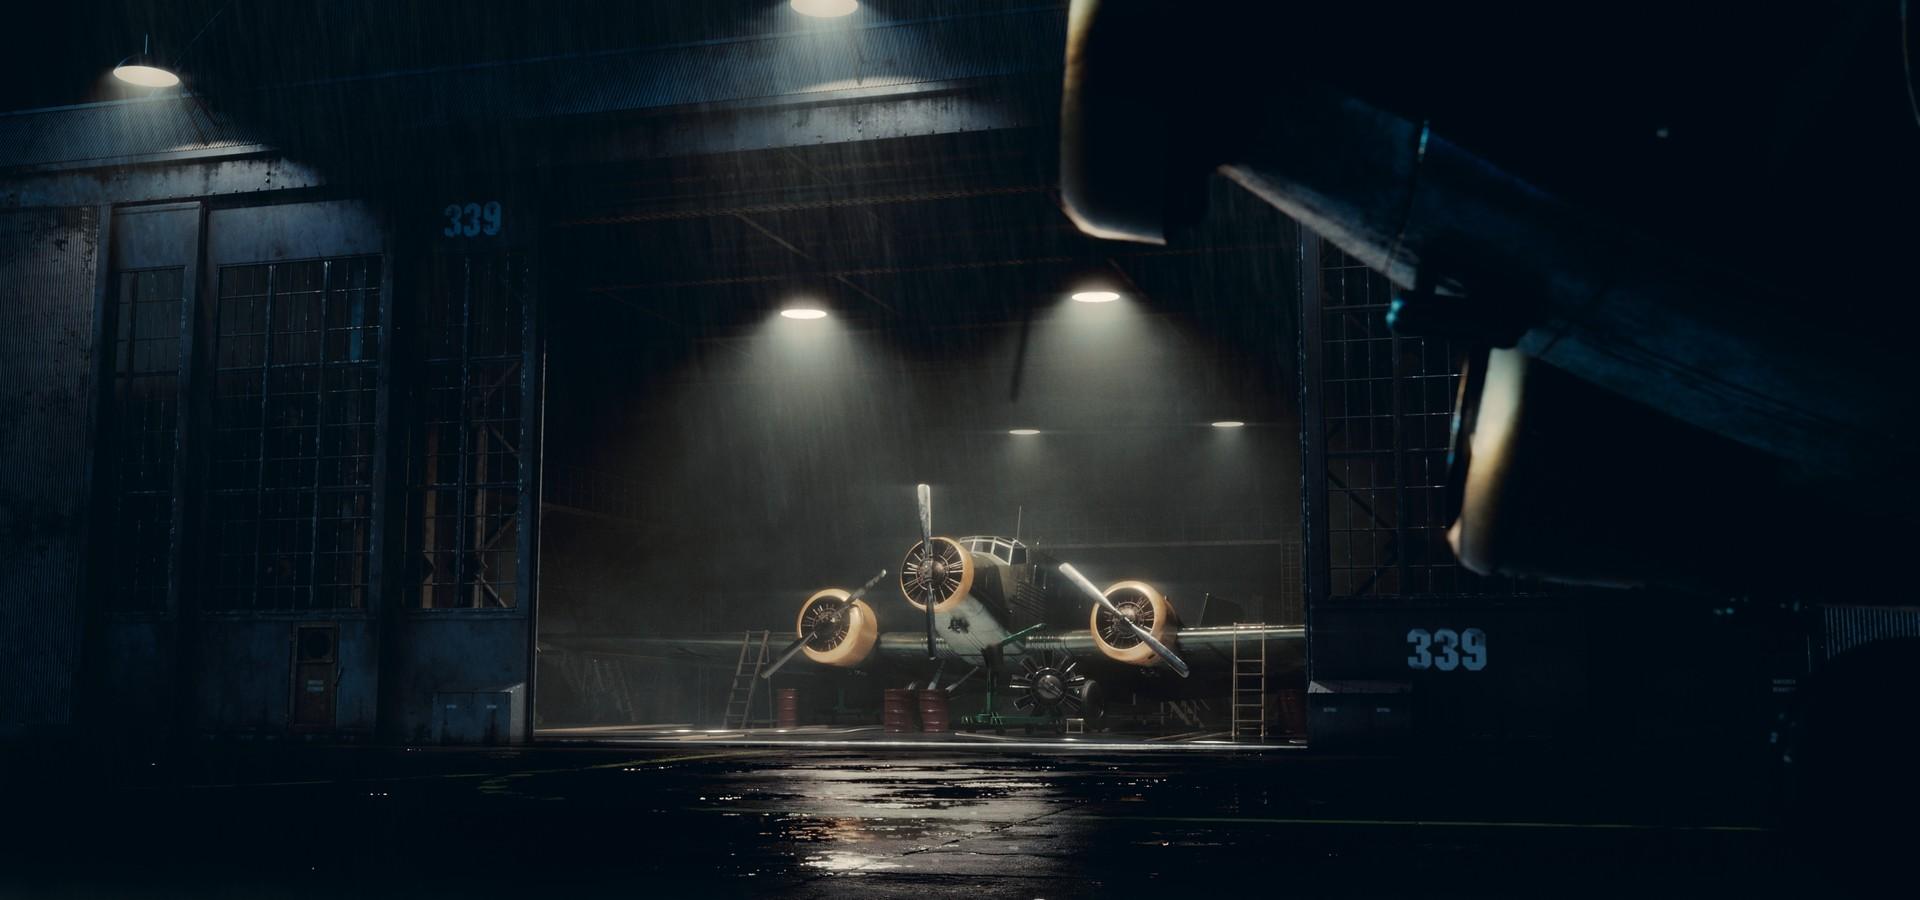 Daniel schindler hangar a